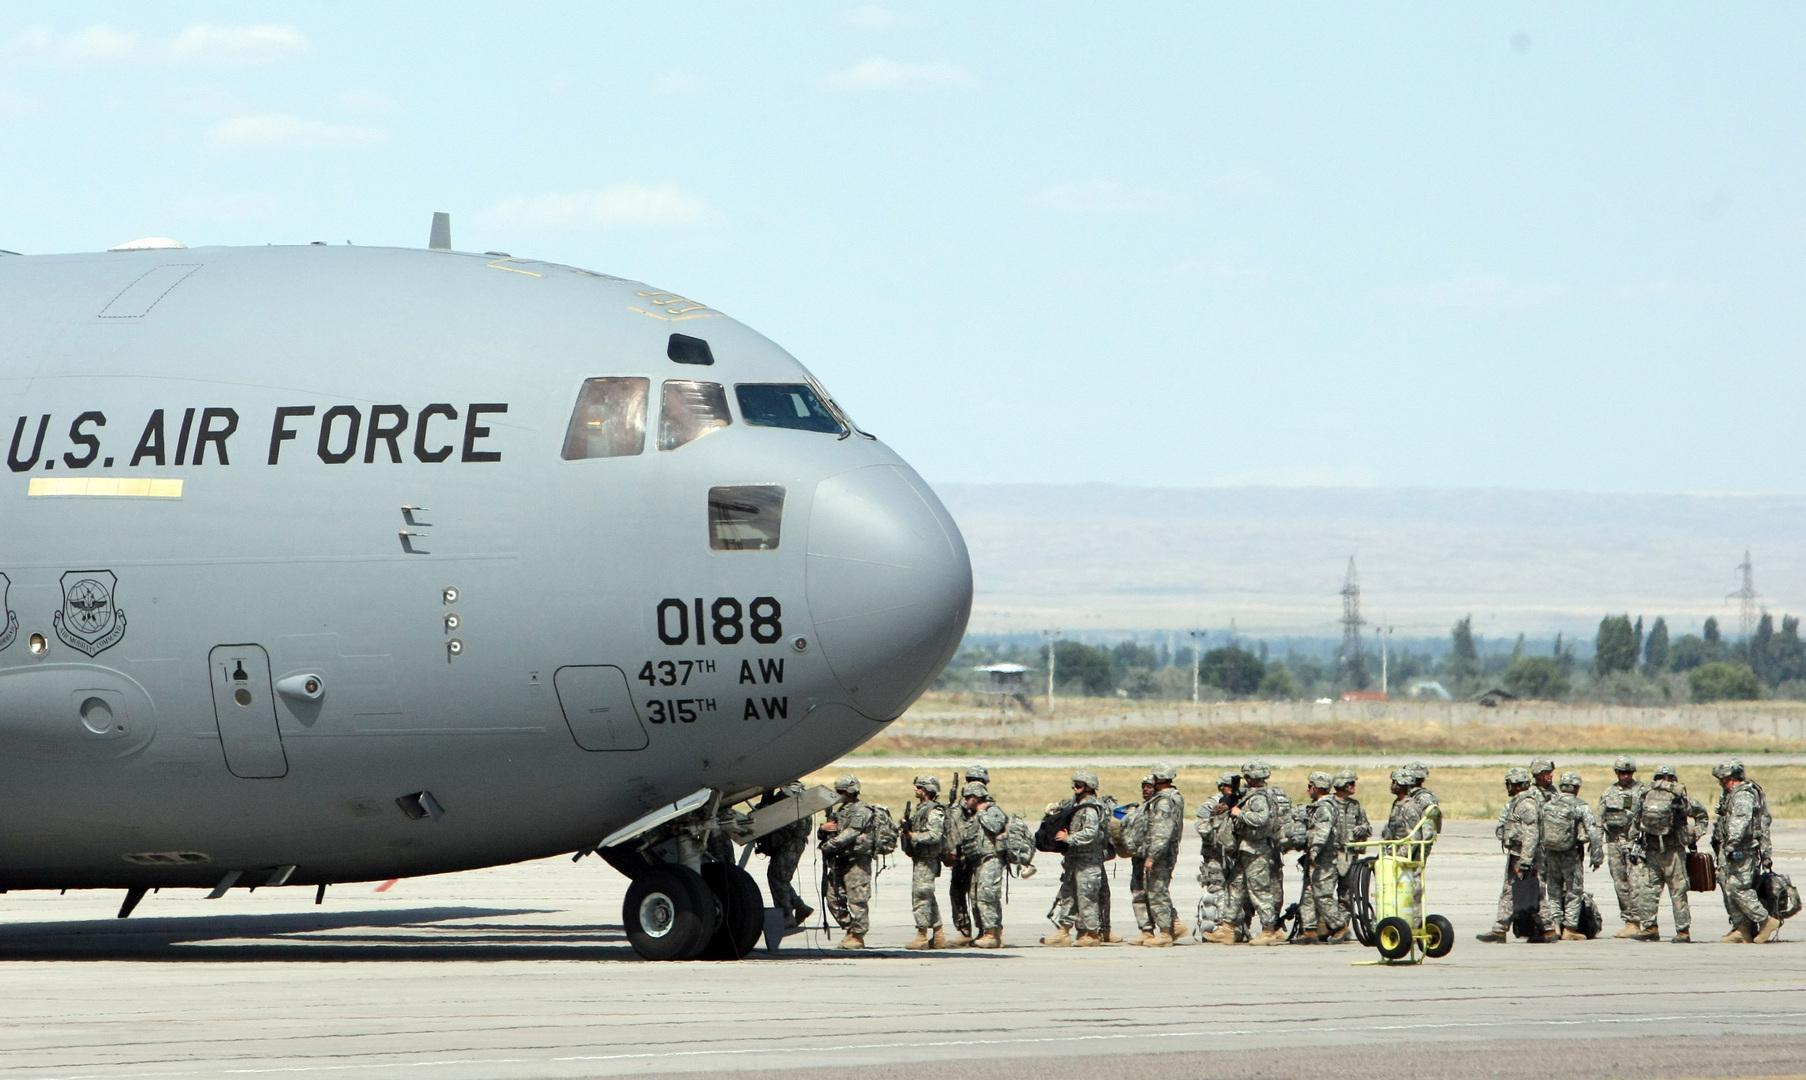 عسكريون أمريكيون يركبون طائرة تنقلهم إلى أفغانستان (أرشيف).